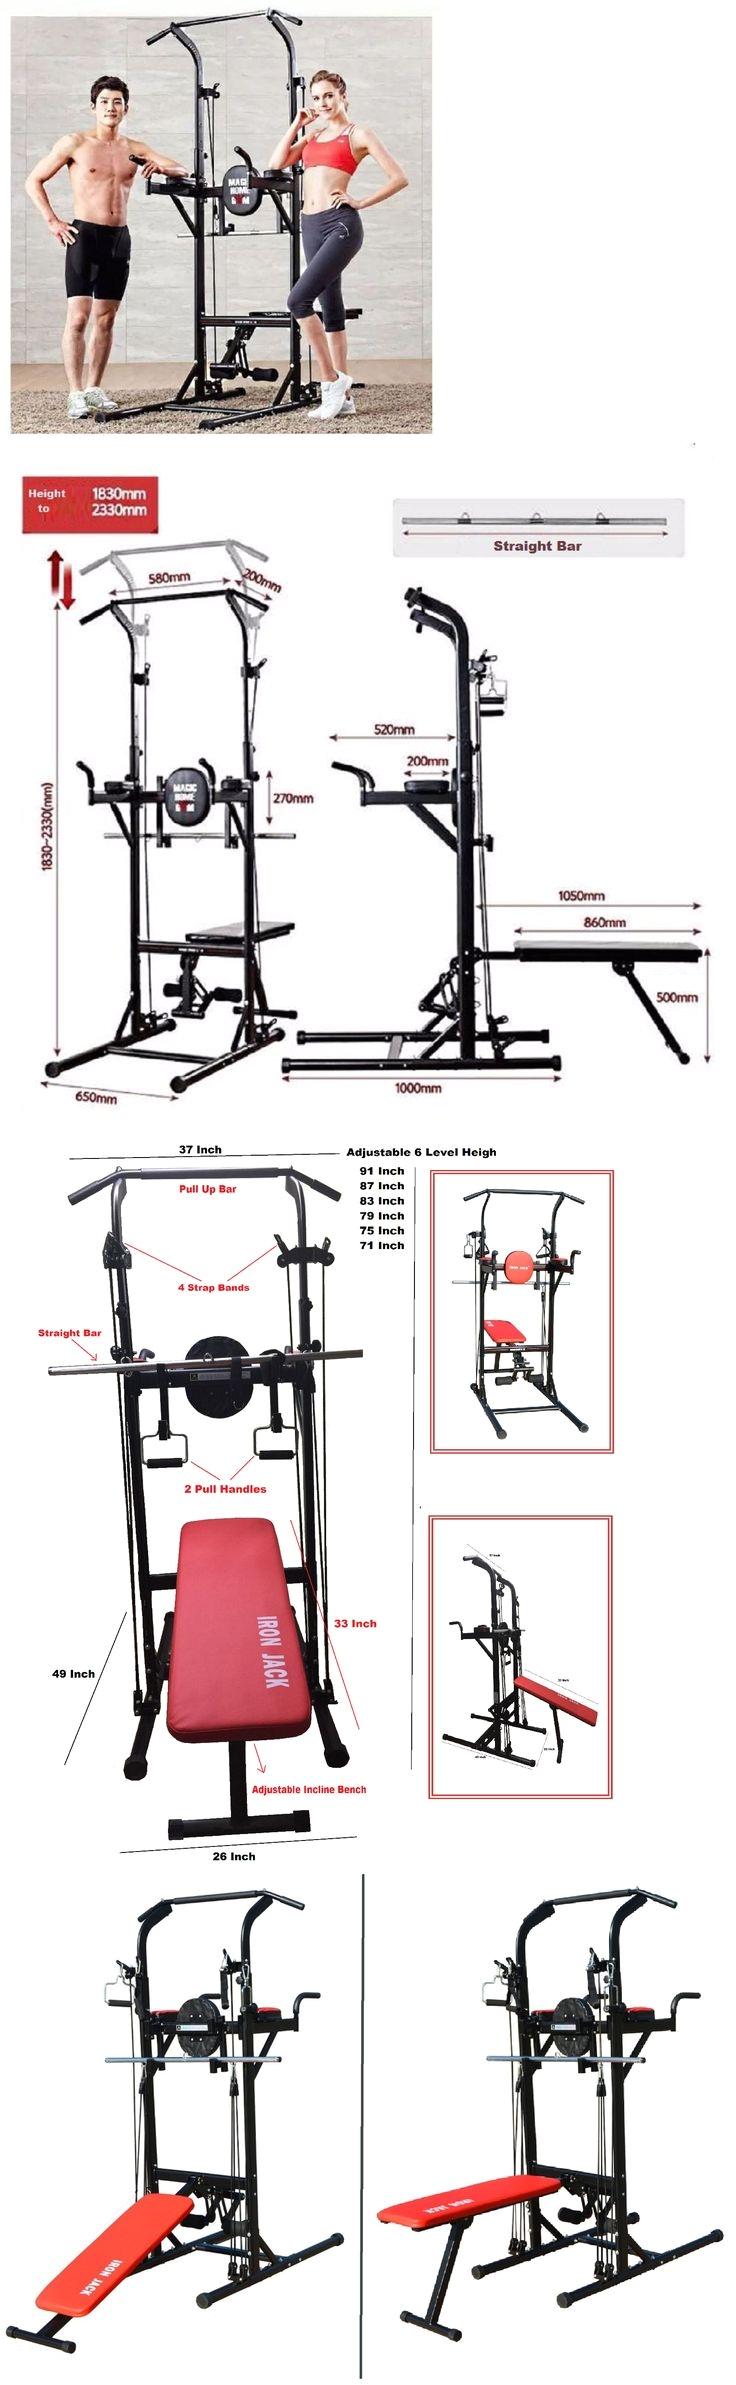 Squat Racks for Sale Ottawa Best 200 Excercise Images On Pinterest Exercise Equipment